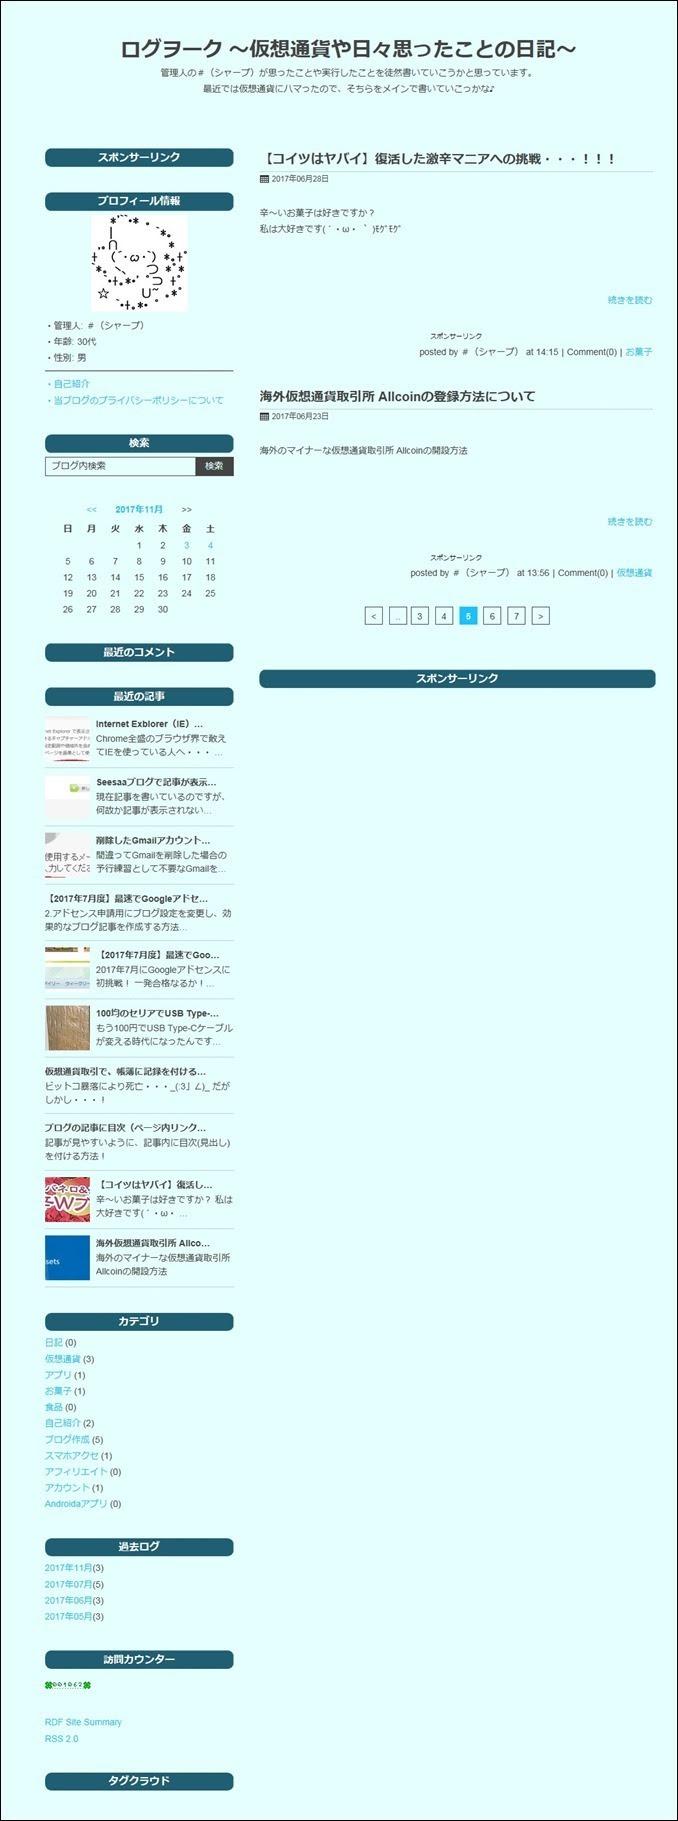 a00009_Google審査用Seesaaブログの設定変更_11